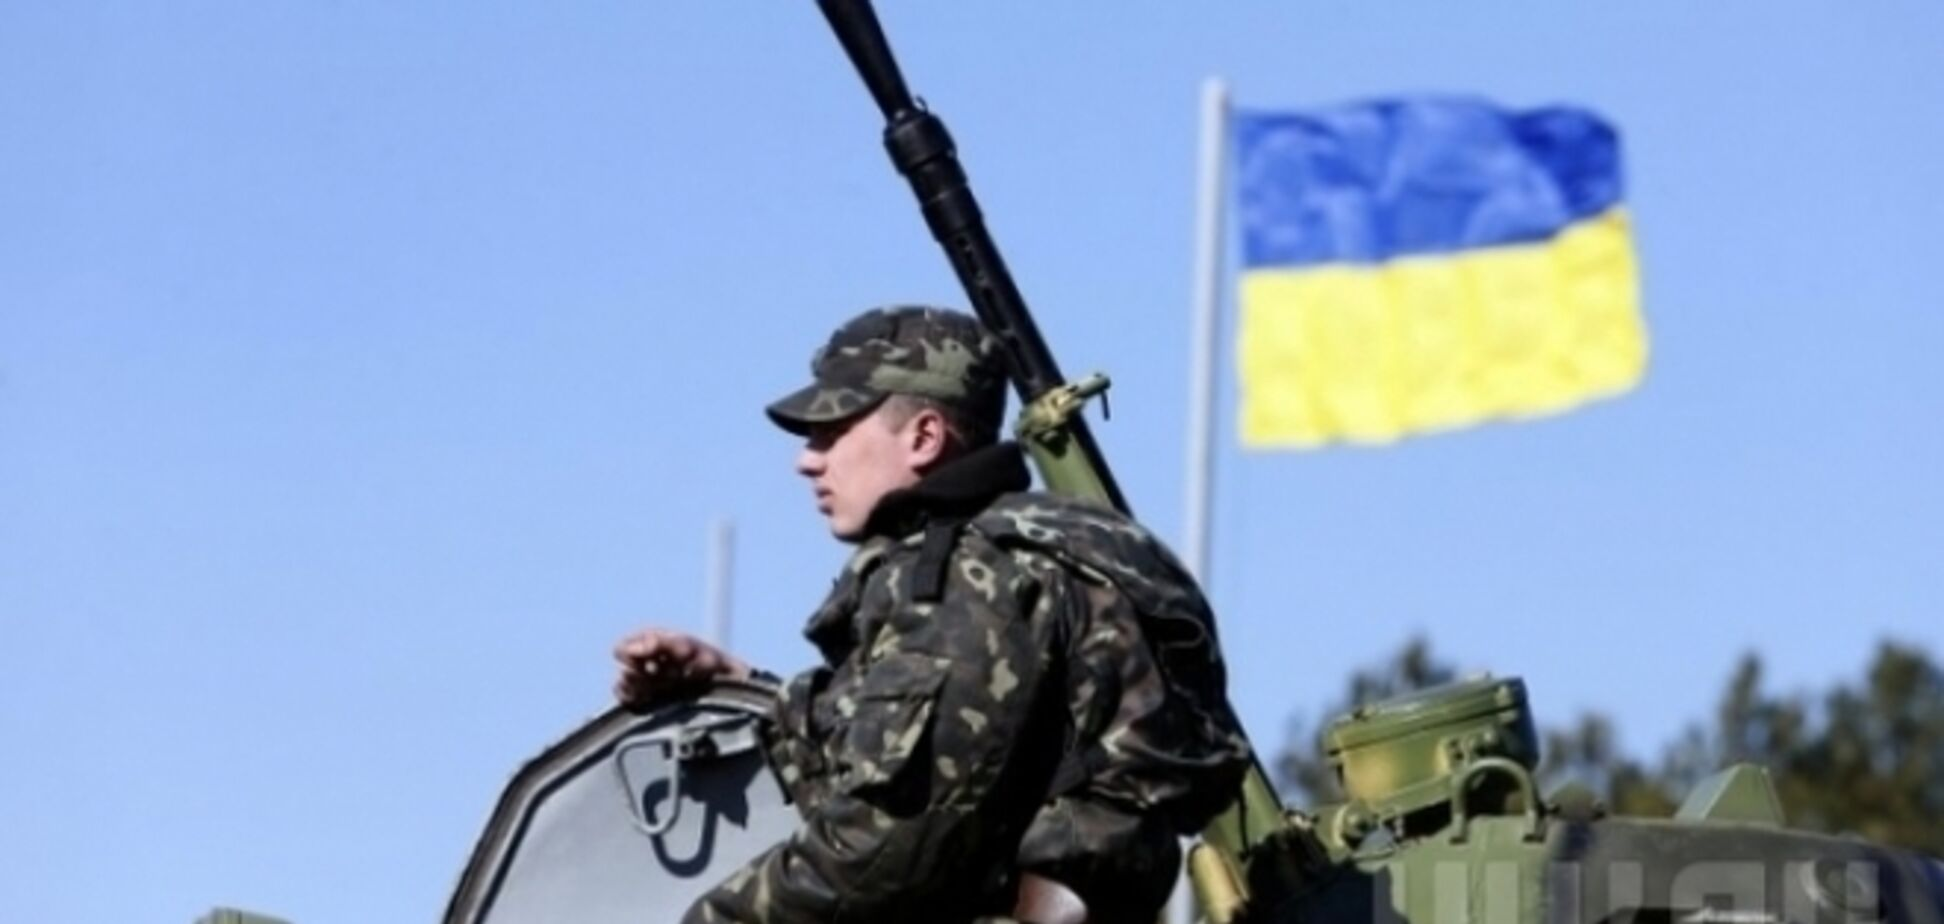 З боку РФ скоєно напад на Прикордонна частина на кордоні Донецької та Луганської областей